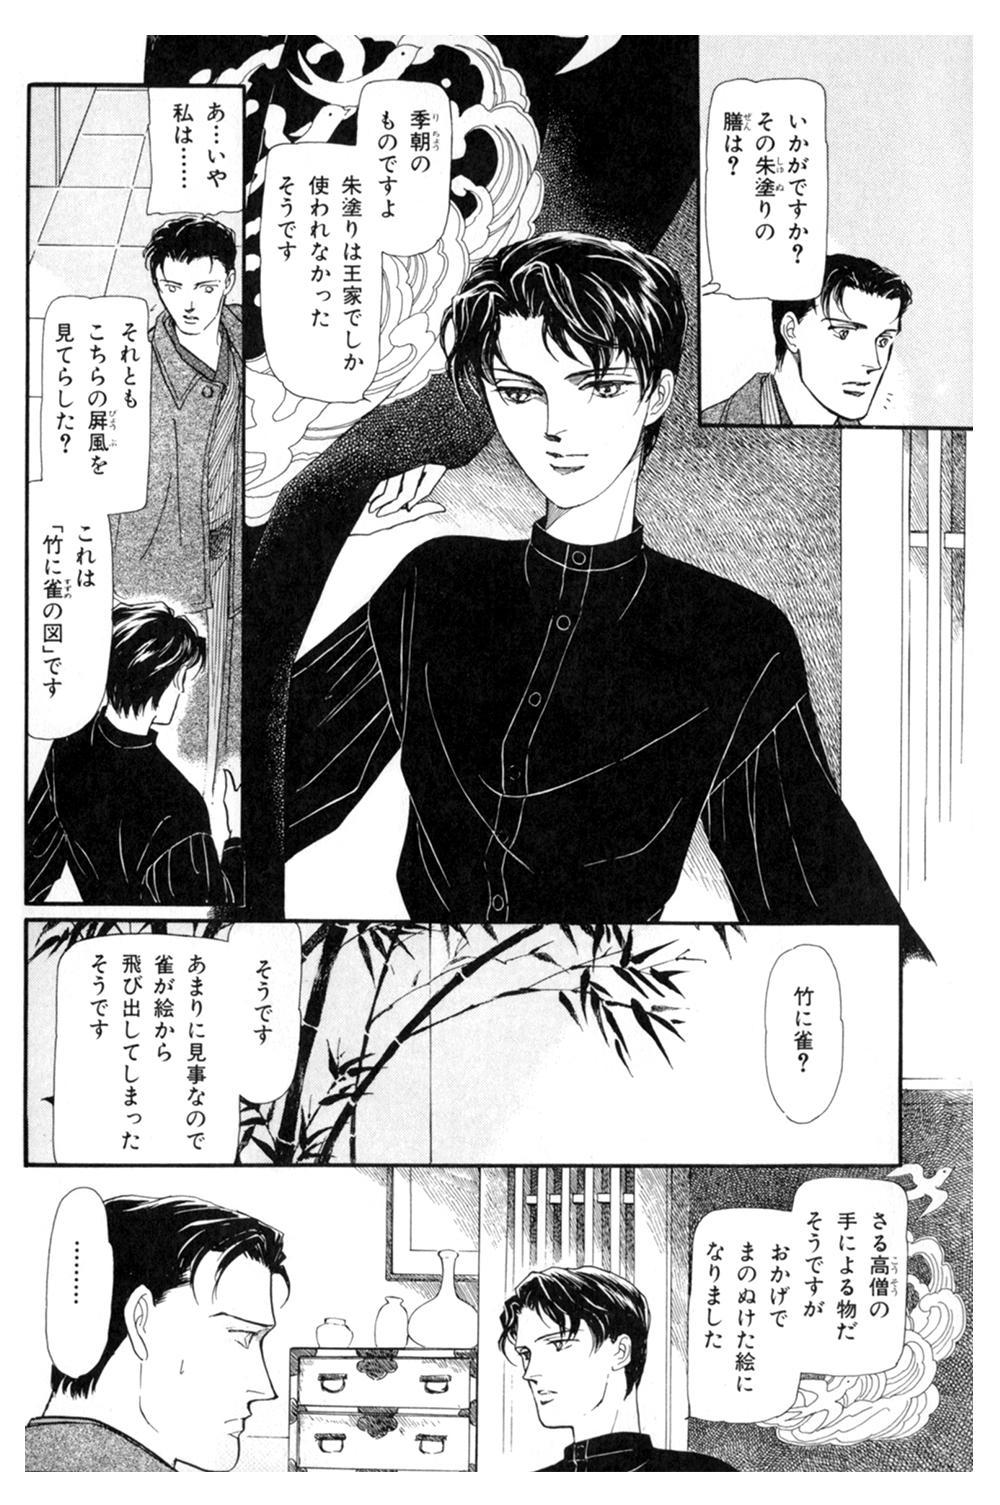 雨柳堂夢咄 第1話「花椿の恋」①uryu03.jpg